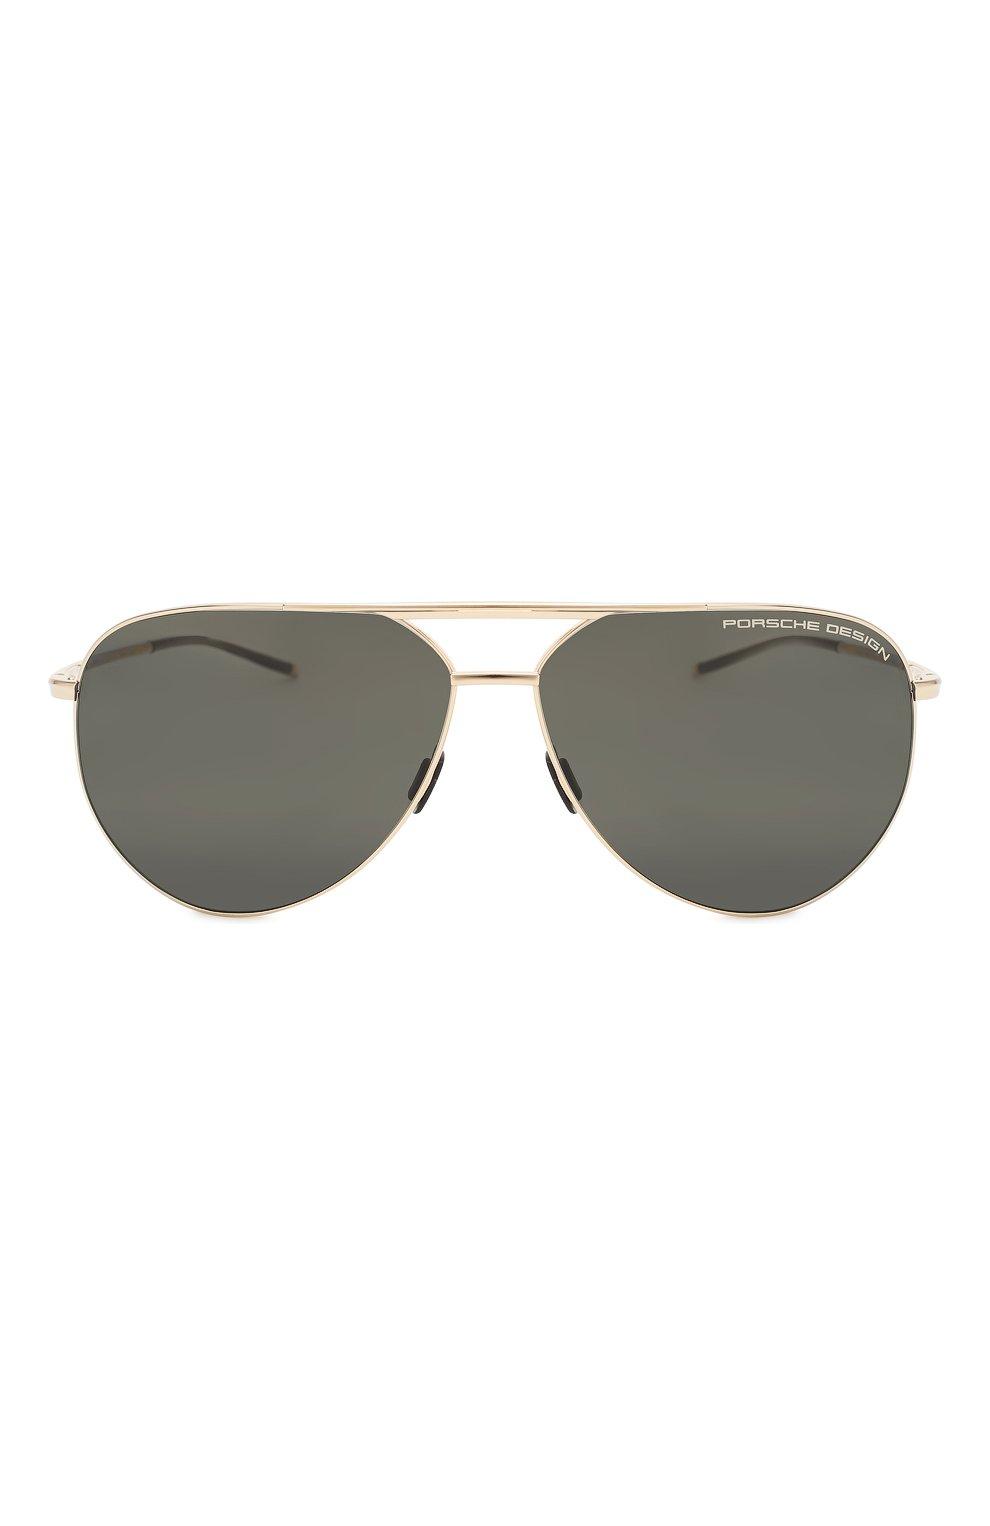 Мужские солнцезащитные очки PORSCHE DESIGN коричневого цвета, арт. 8688-B | Фото 3